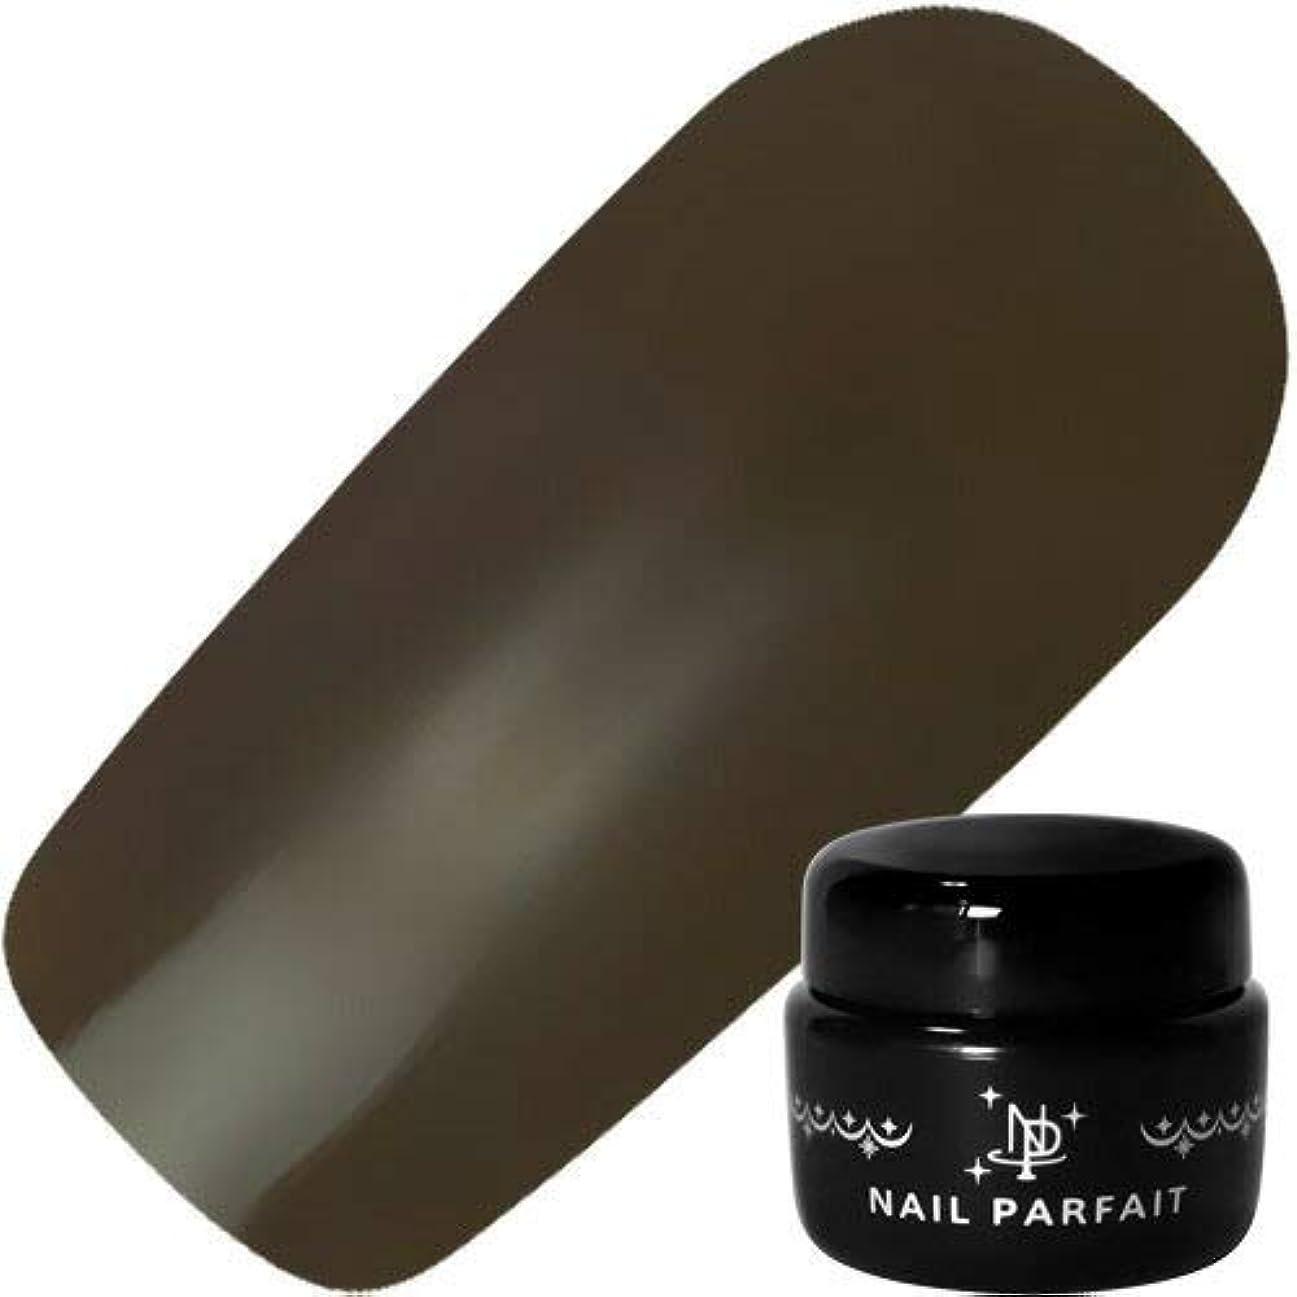 必要性喜ぶ始めるNAIL PARFAIT ネイルパフェ カラージェル T02 トールブラウン 2g 【ジェル/カラージェル?ネイル用品】